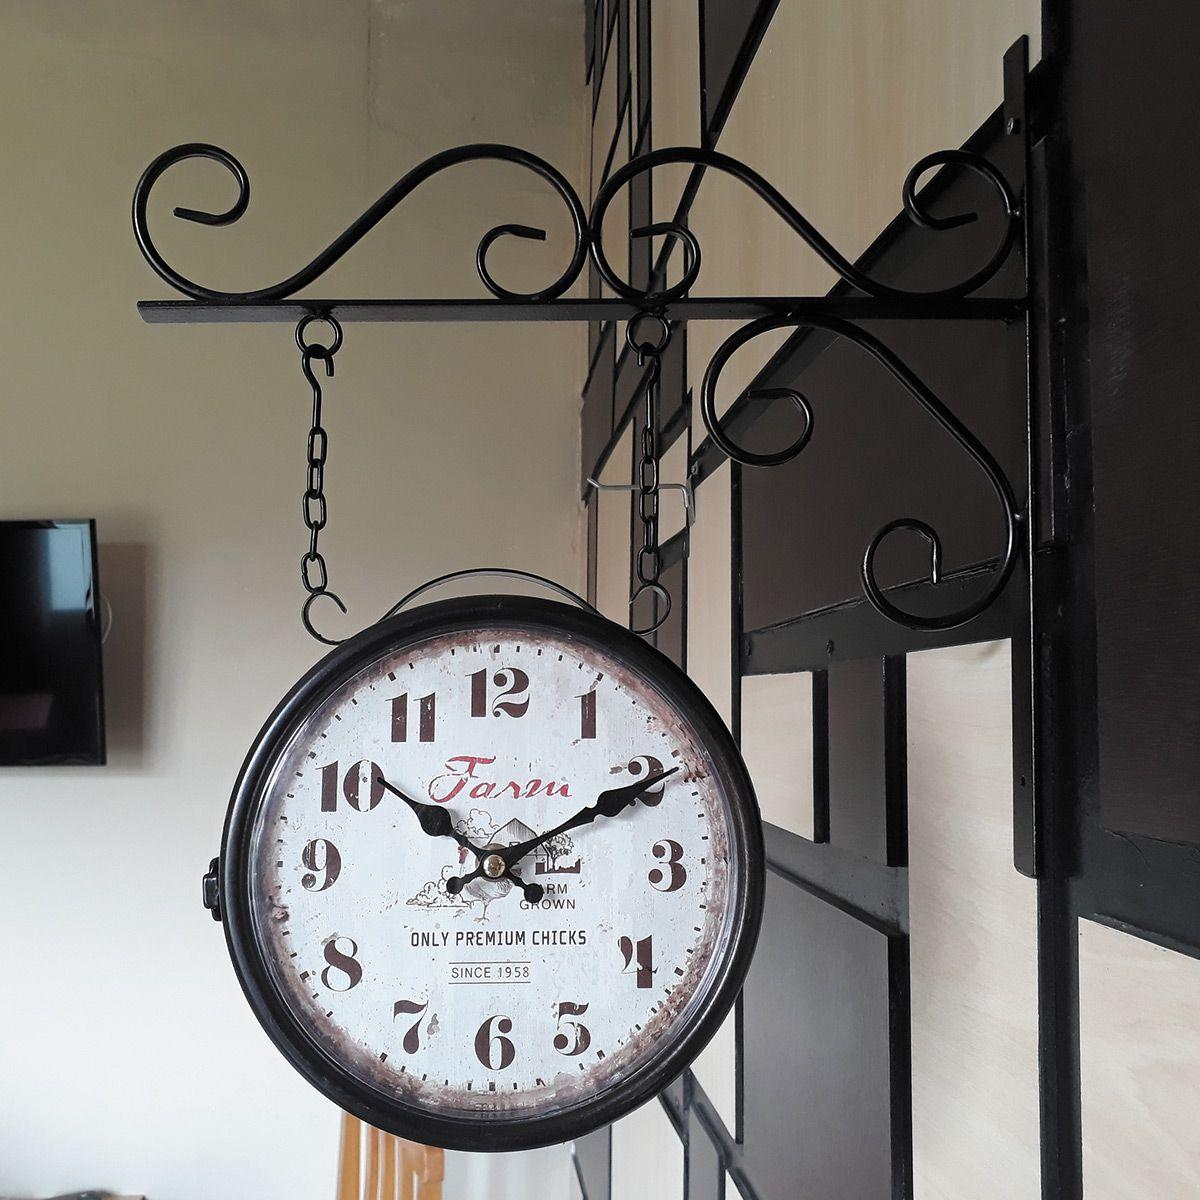 Relógio de parede dupla face c/ corrente Farm Grown 1958